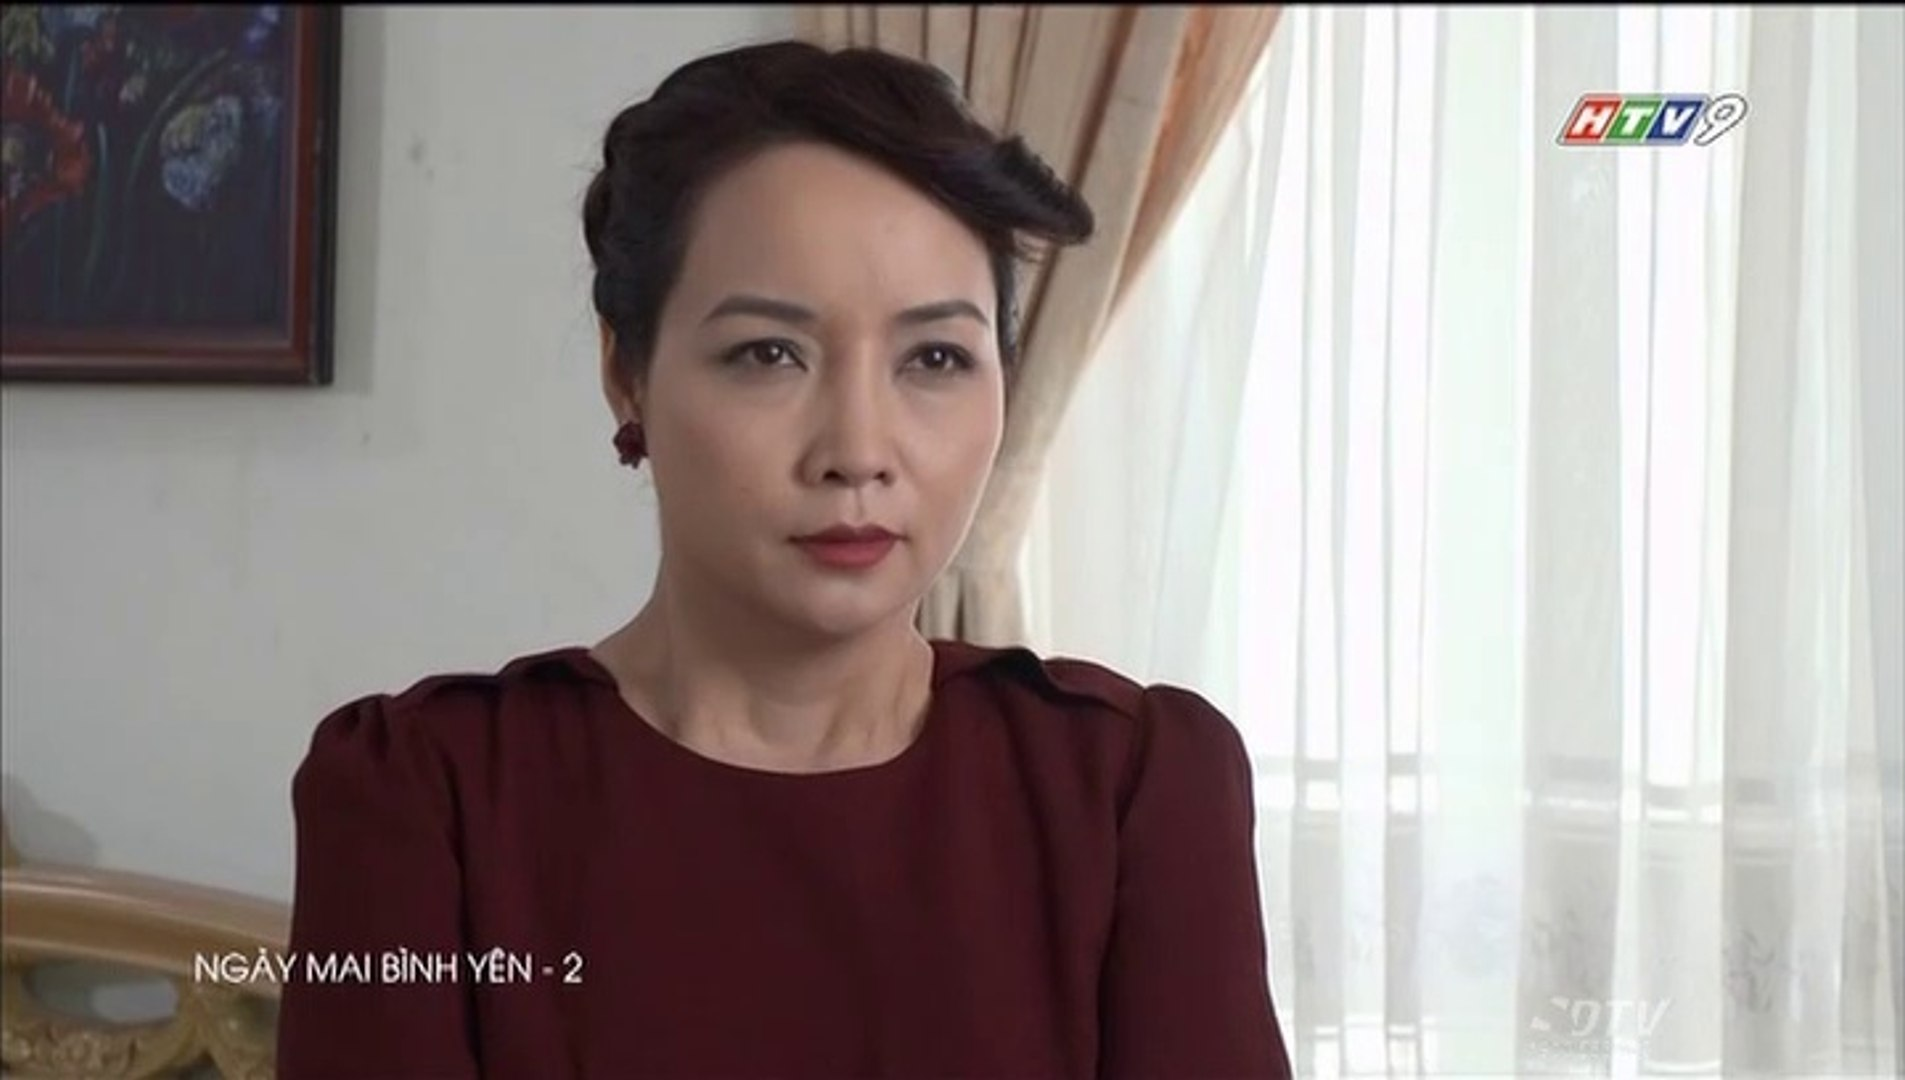 Ngày Mai Bình Yên Tập 4 Full HTV9 | Phim Tình Cảm Việt Nam Hay Nhất 2018 | Ngay Mai Binh Yen Tap 5